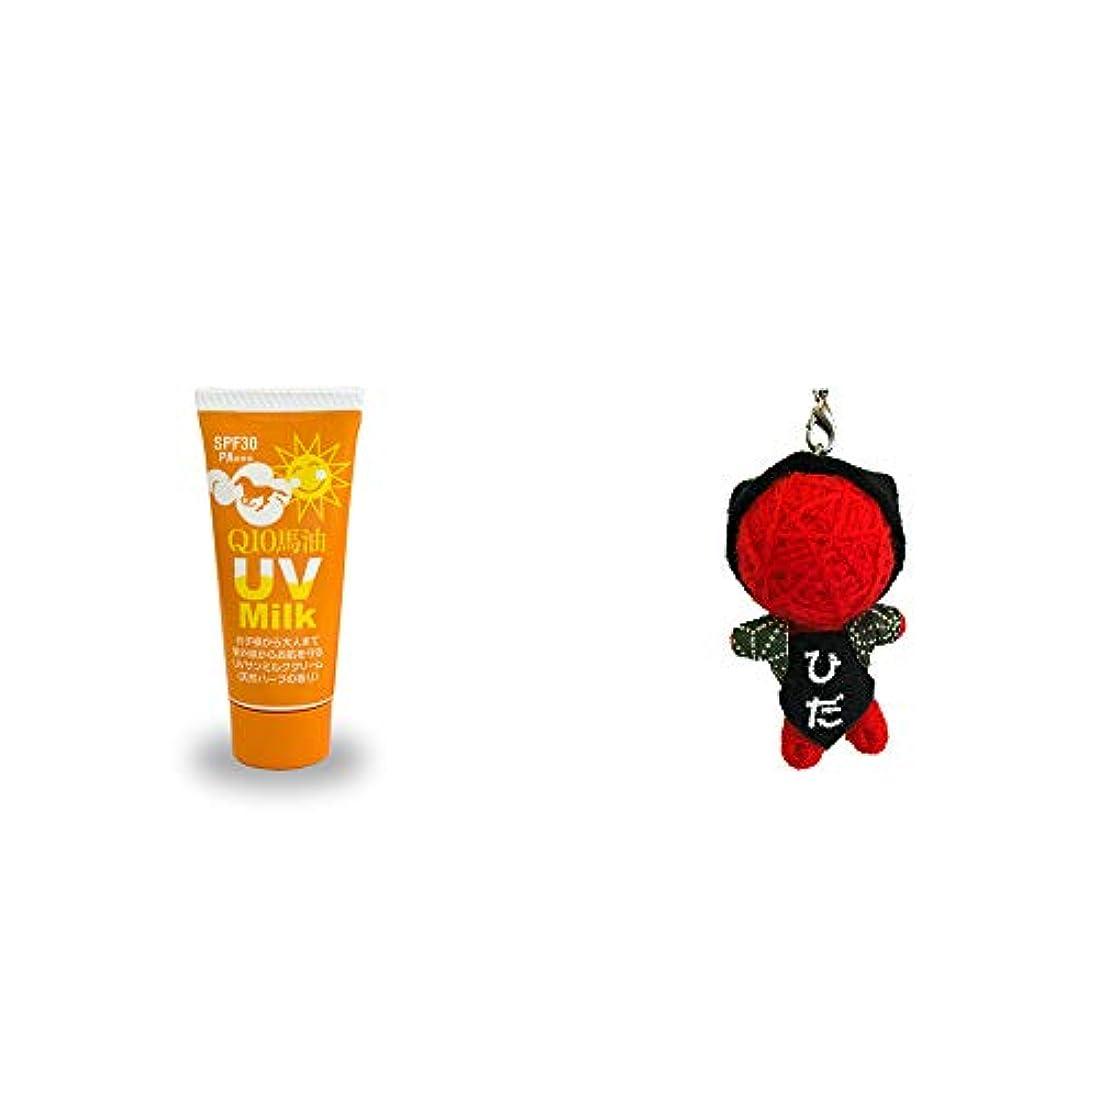 立場警戒レインコート[2点セット] 炭黒泉 Q10馬油 UVサンミルク[天然ハーブ](40g)?ハッピー さるぼぼドール ブドゥドール(ストラップ) / 魔除け?身代わり人形 //